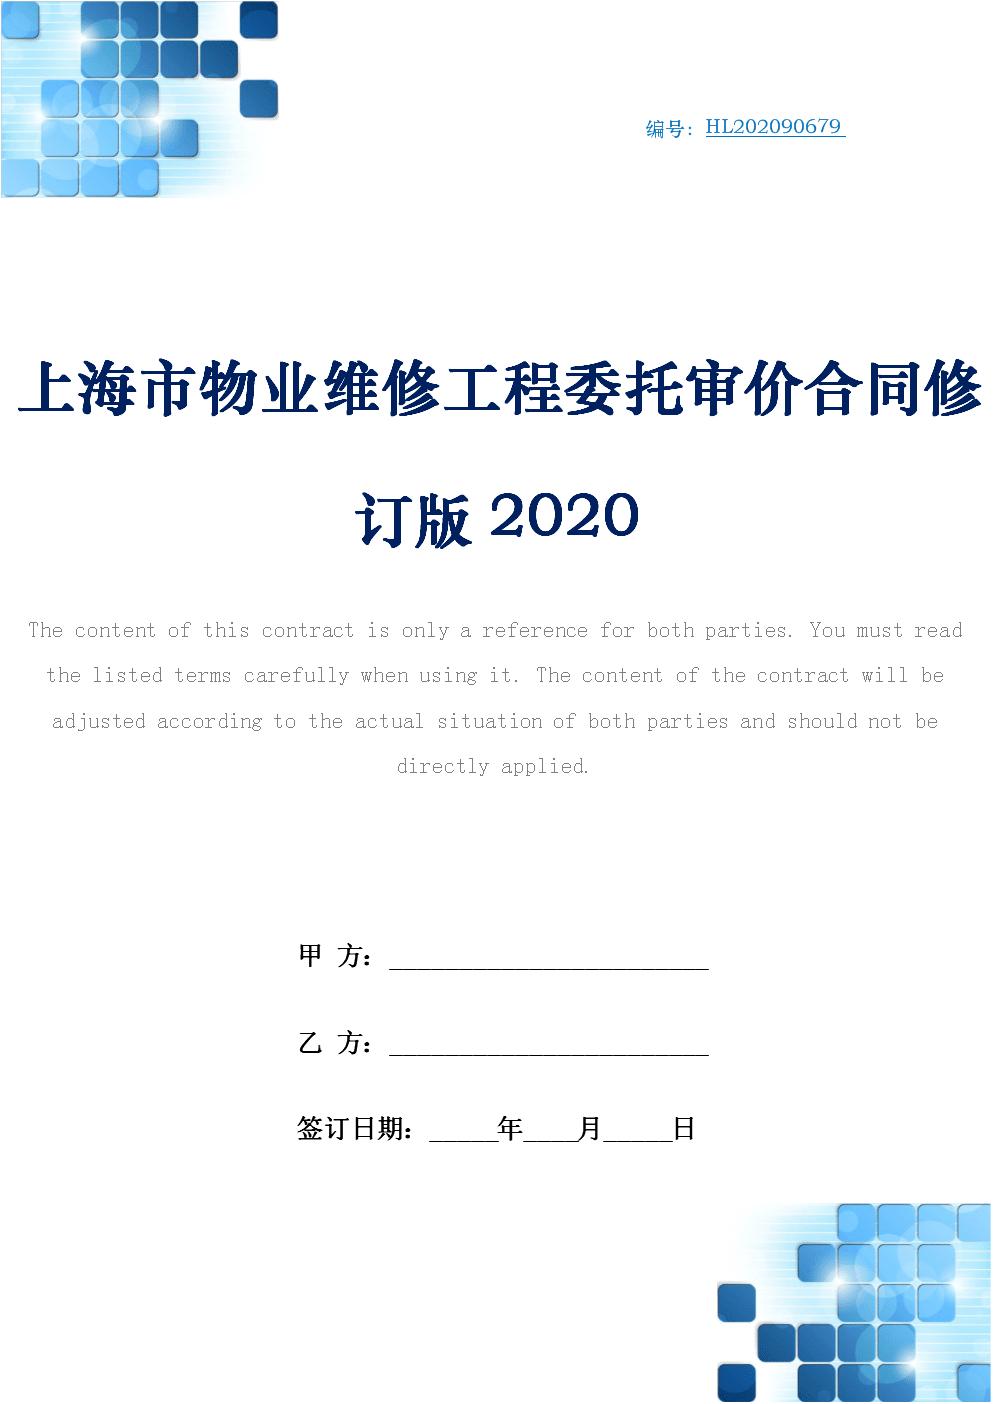 上海市物业维修工程委托审价合同修订版2020.docx